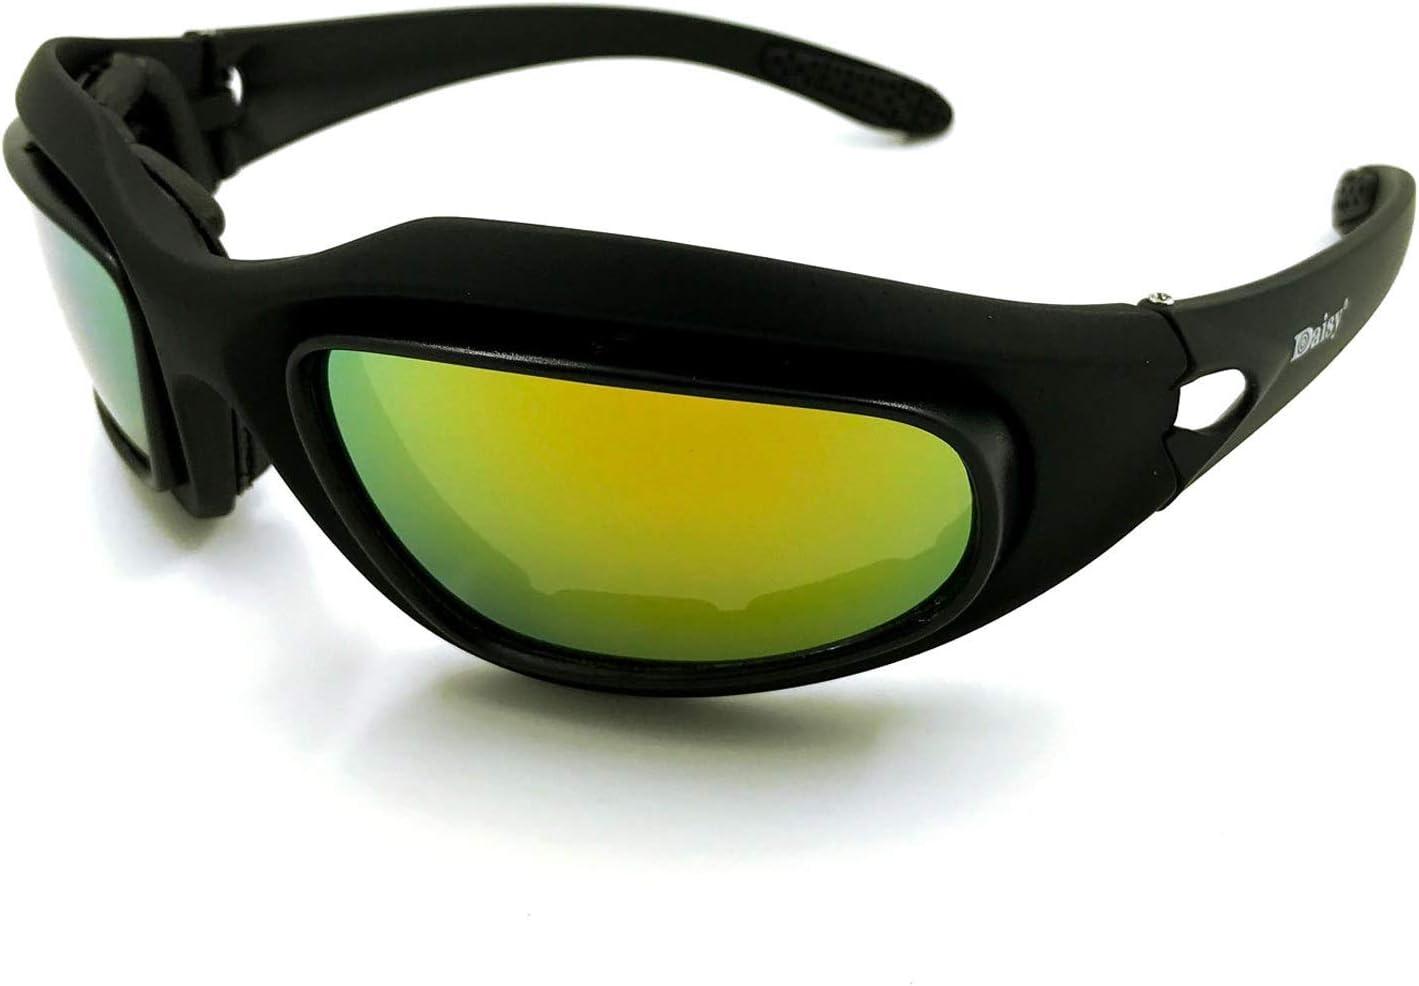 Casco de motocicleta H.Y.B.Ciclismo gafas de sol polarizadas Gafas de CS táctico de protección Gafas de visión nocturna Tormenta de arena de deportes for hombres y mujeres Deportes bluetooth casco de